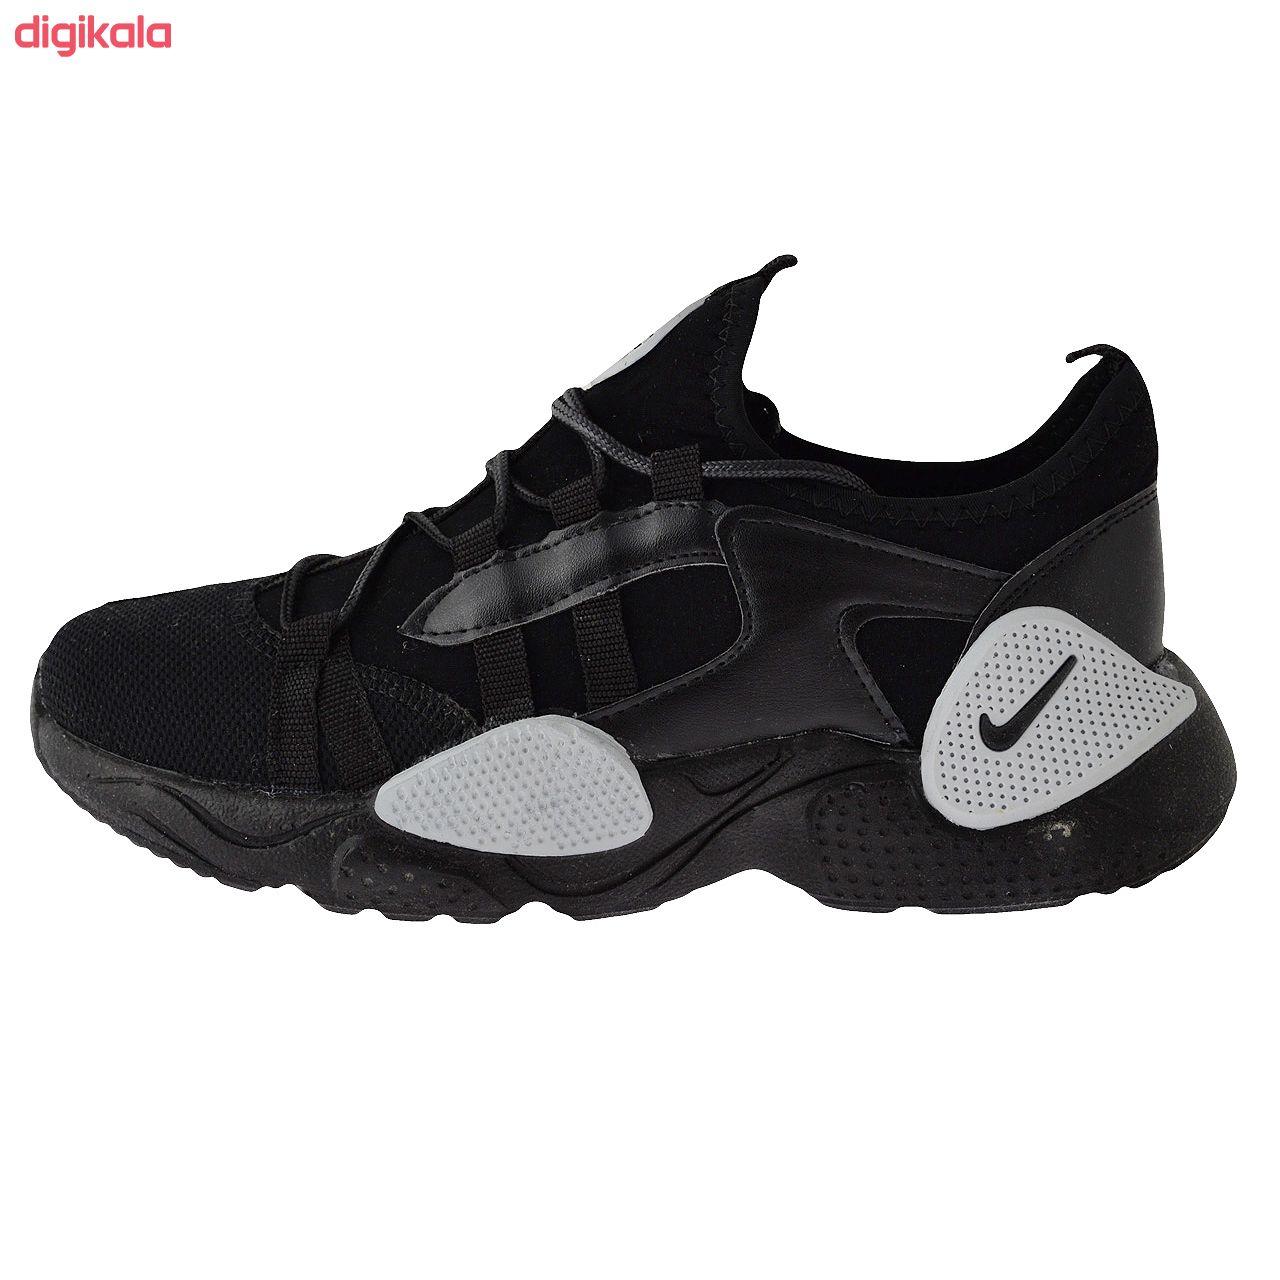 کفش مخصوص دویدن مردانه کد 351004415